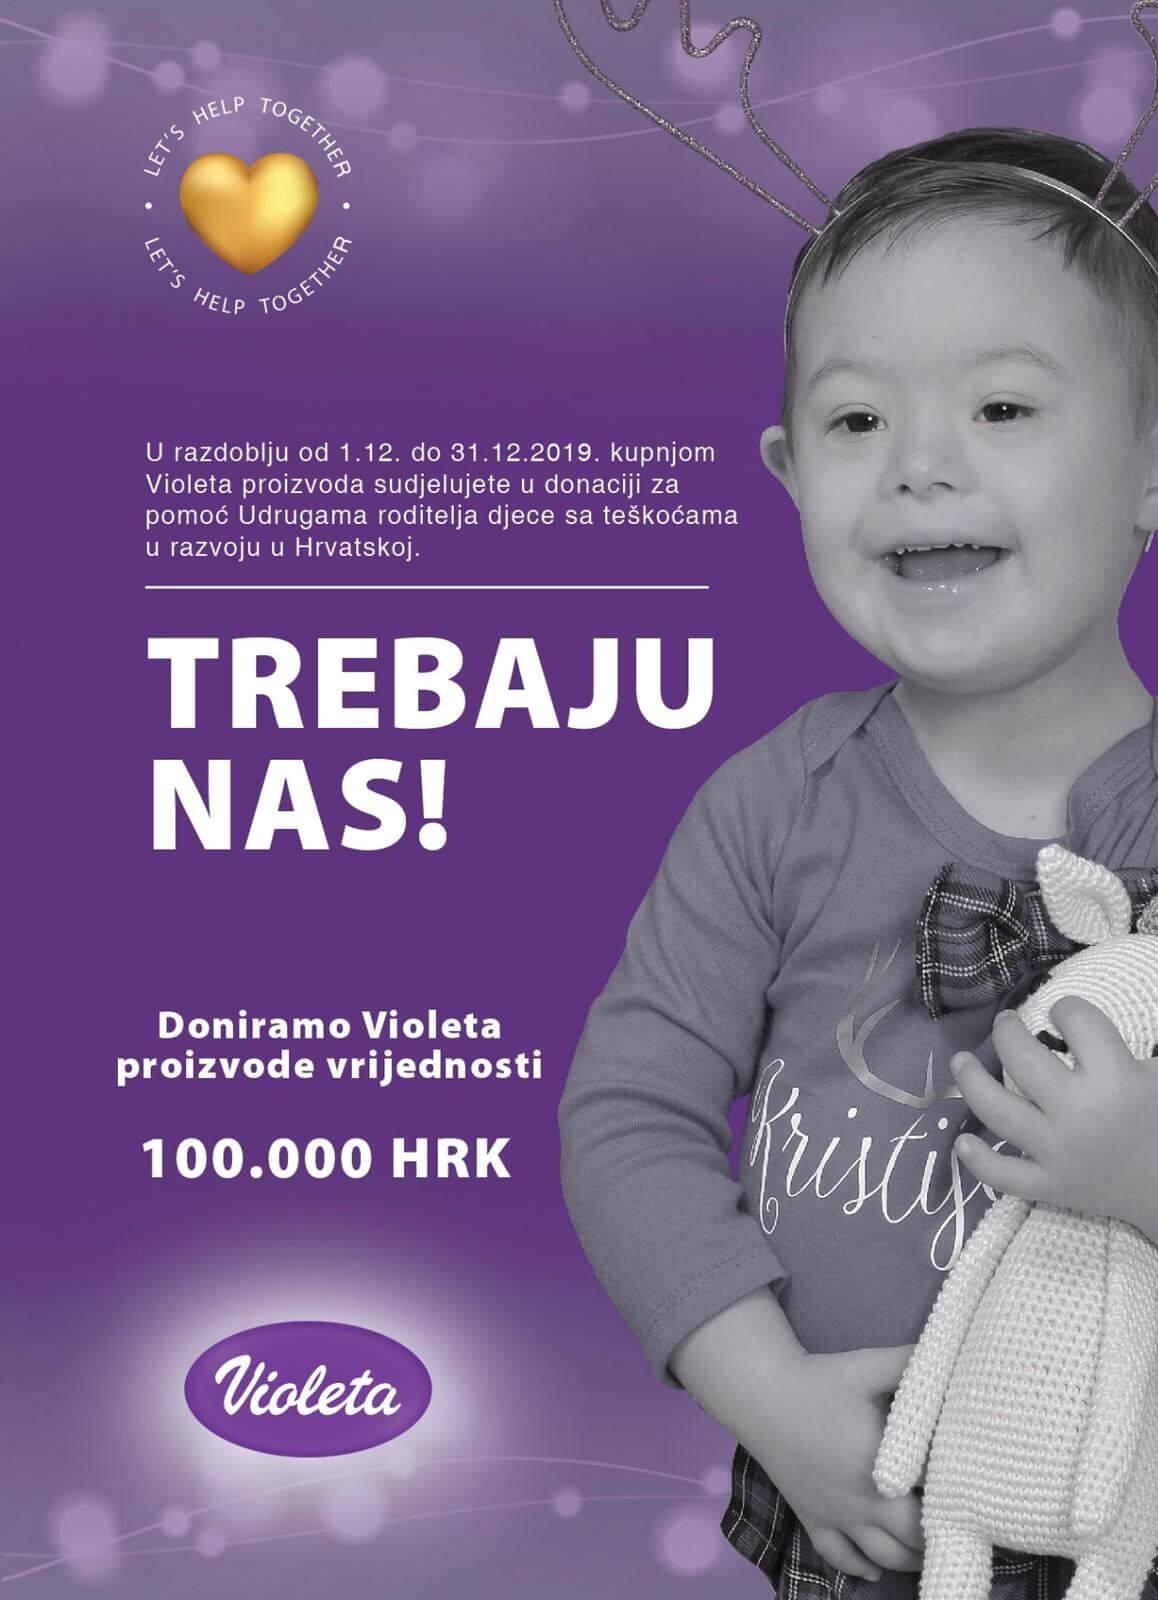 Violeta donira 100.000 kuna